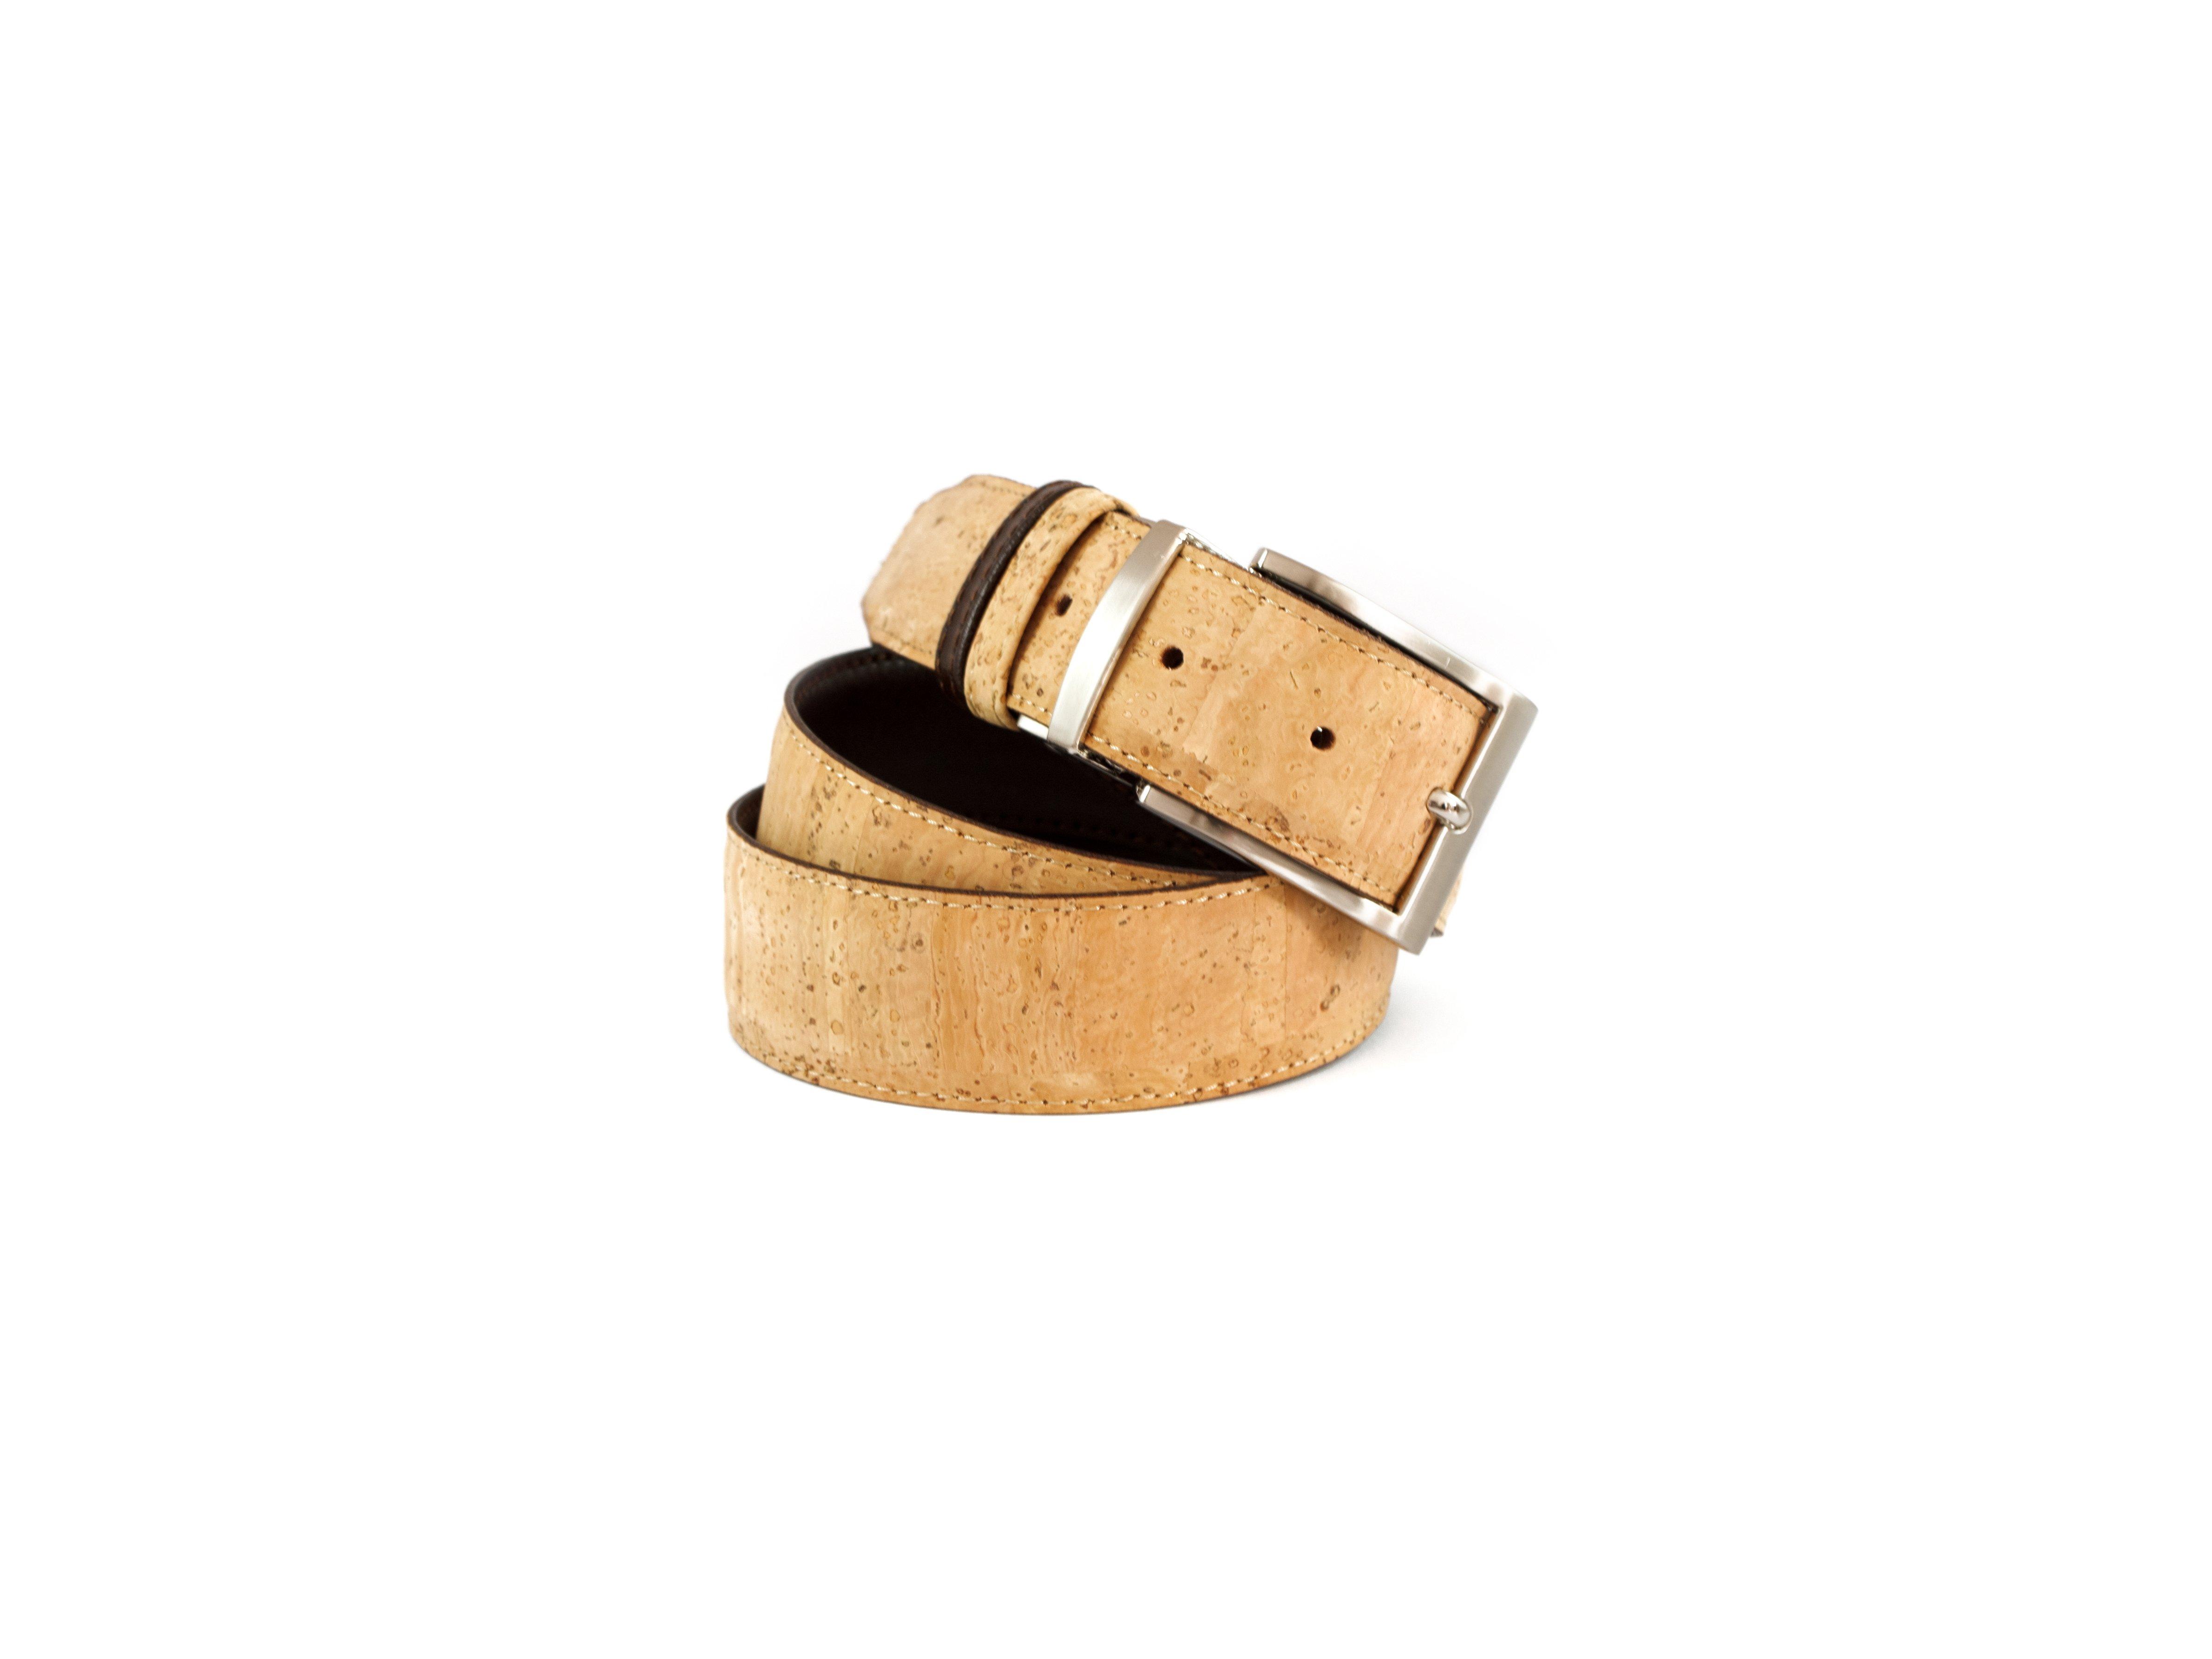 Buy cork belt n. Buy cork belt n in Spain. Buy cork belt n in Portugal. Buy cork belt n in the Canary Islands